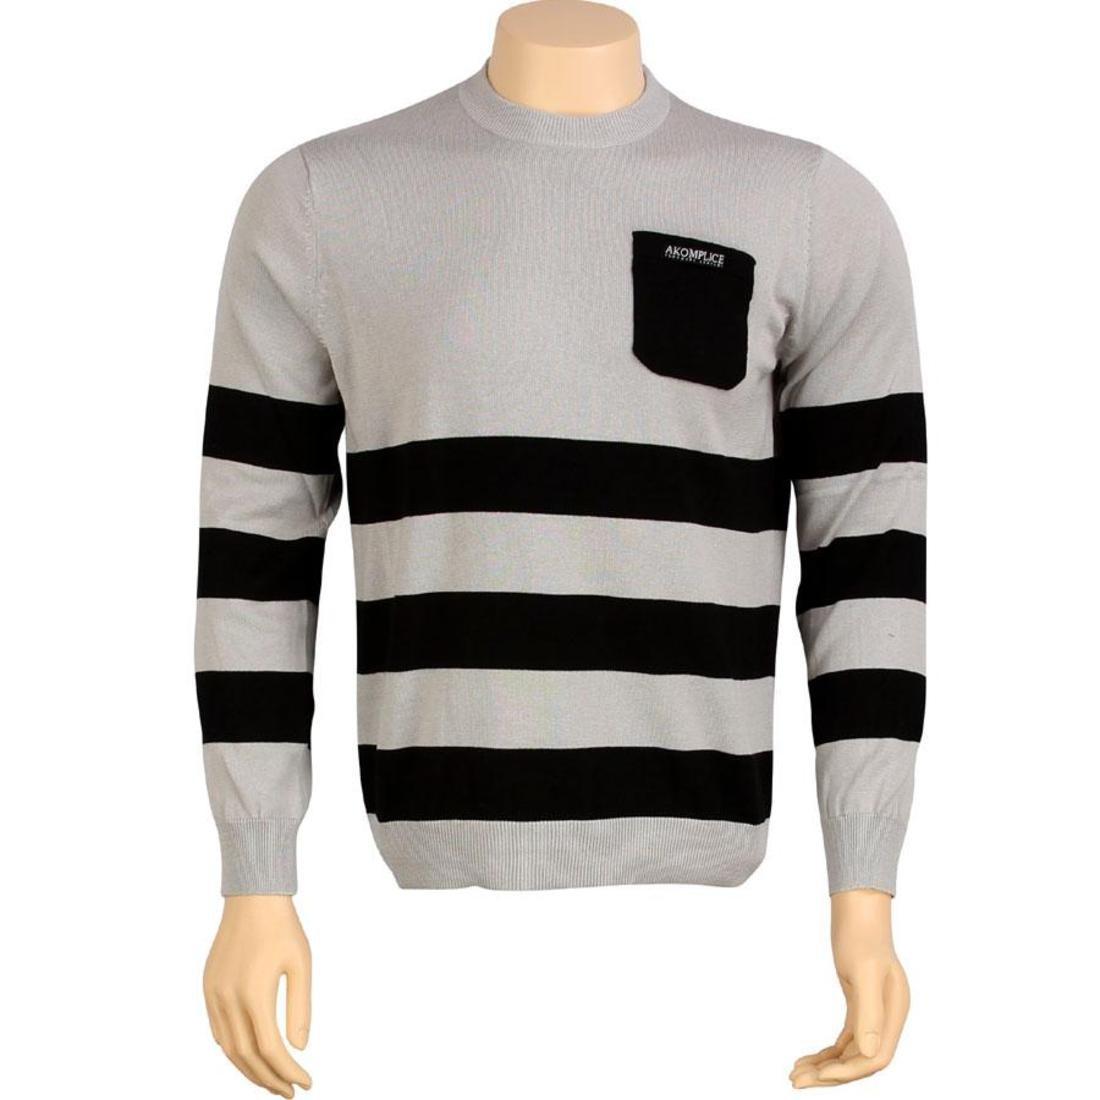 メンズファッション トップス Tシャツ カットソー メンズ 【 Akomplice Vsop Jumper Sweater (grey / Black) 】 Grey / Black